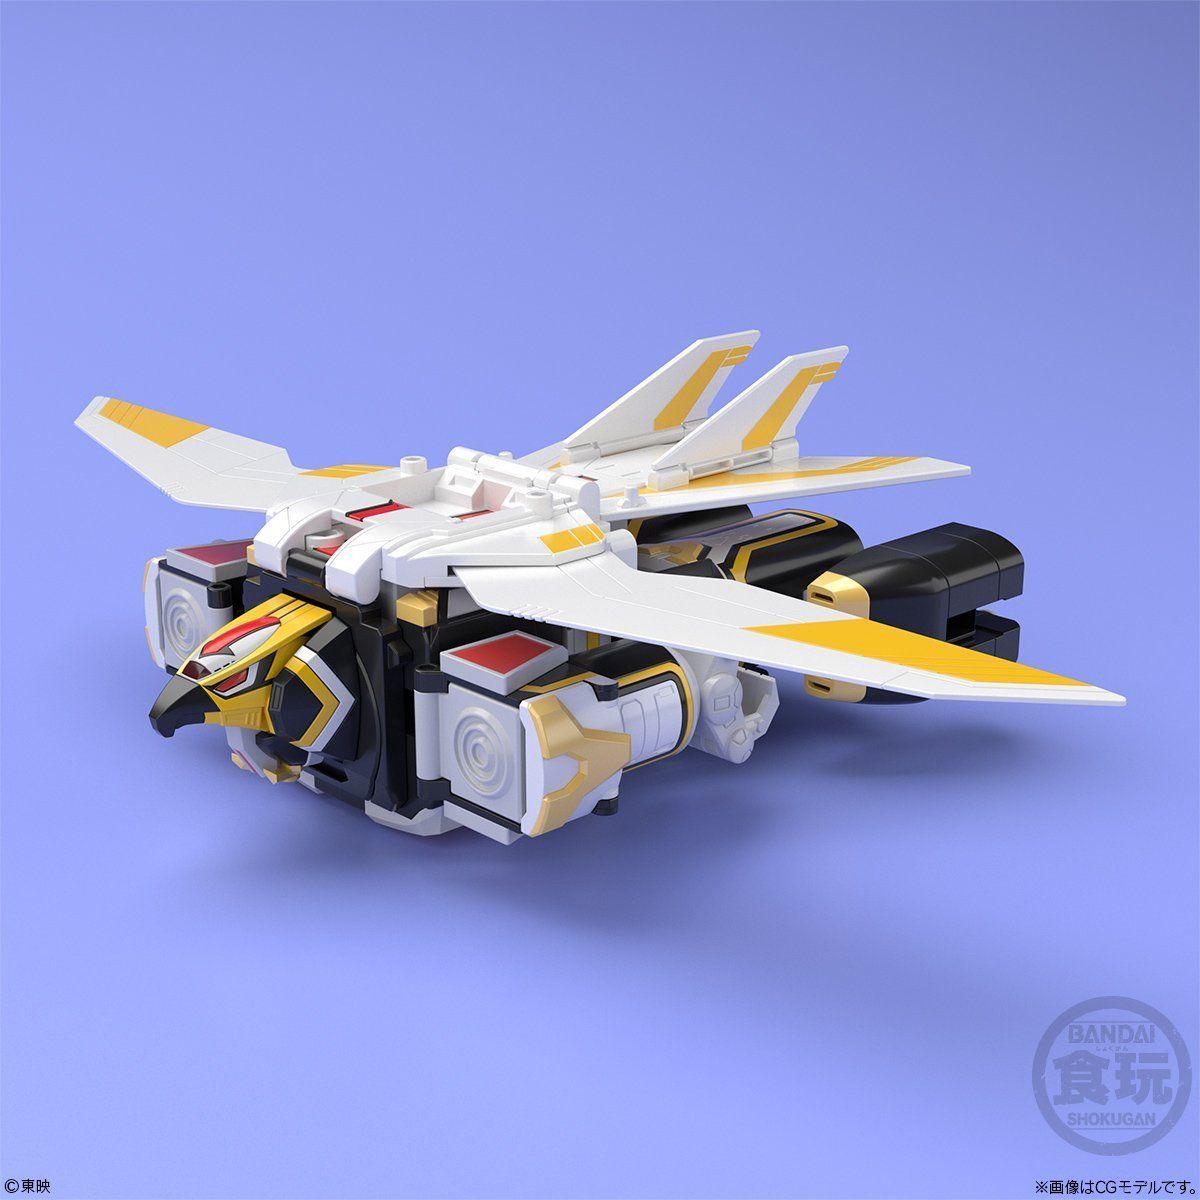 Super Minipla Jet garuda (2)